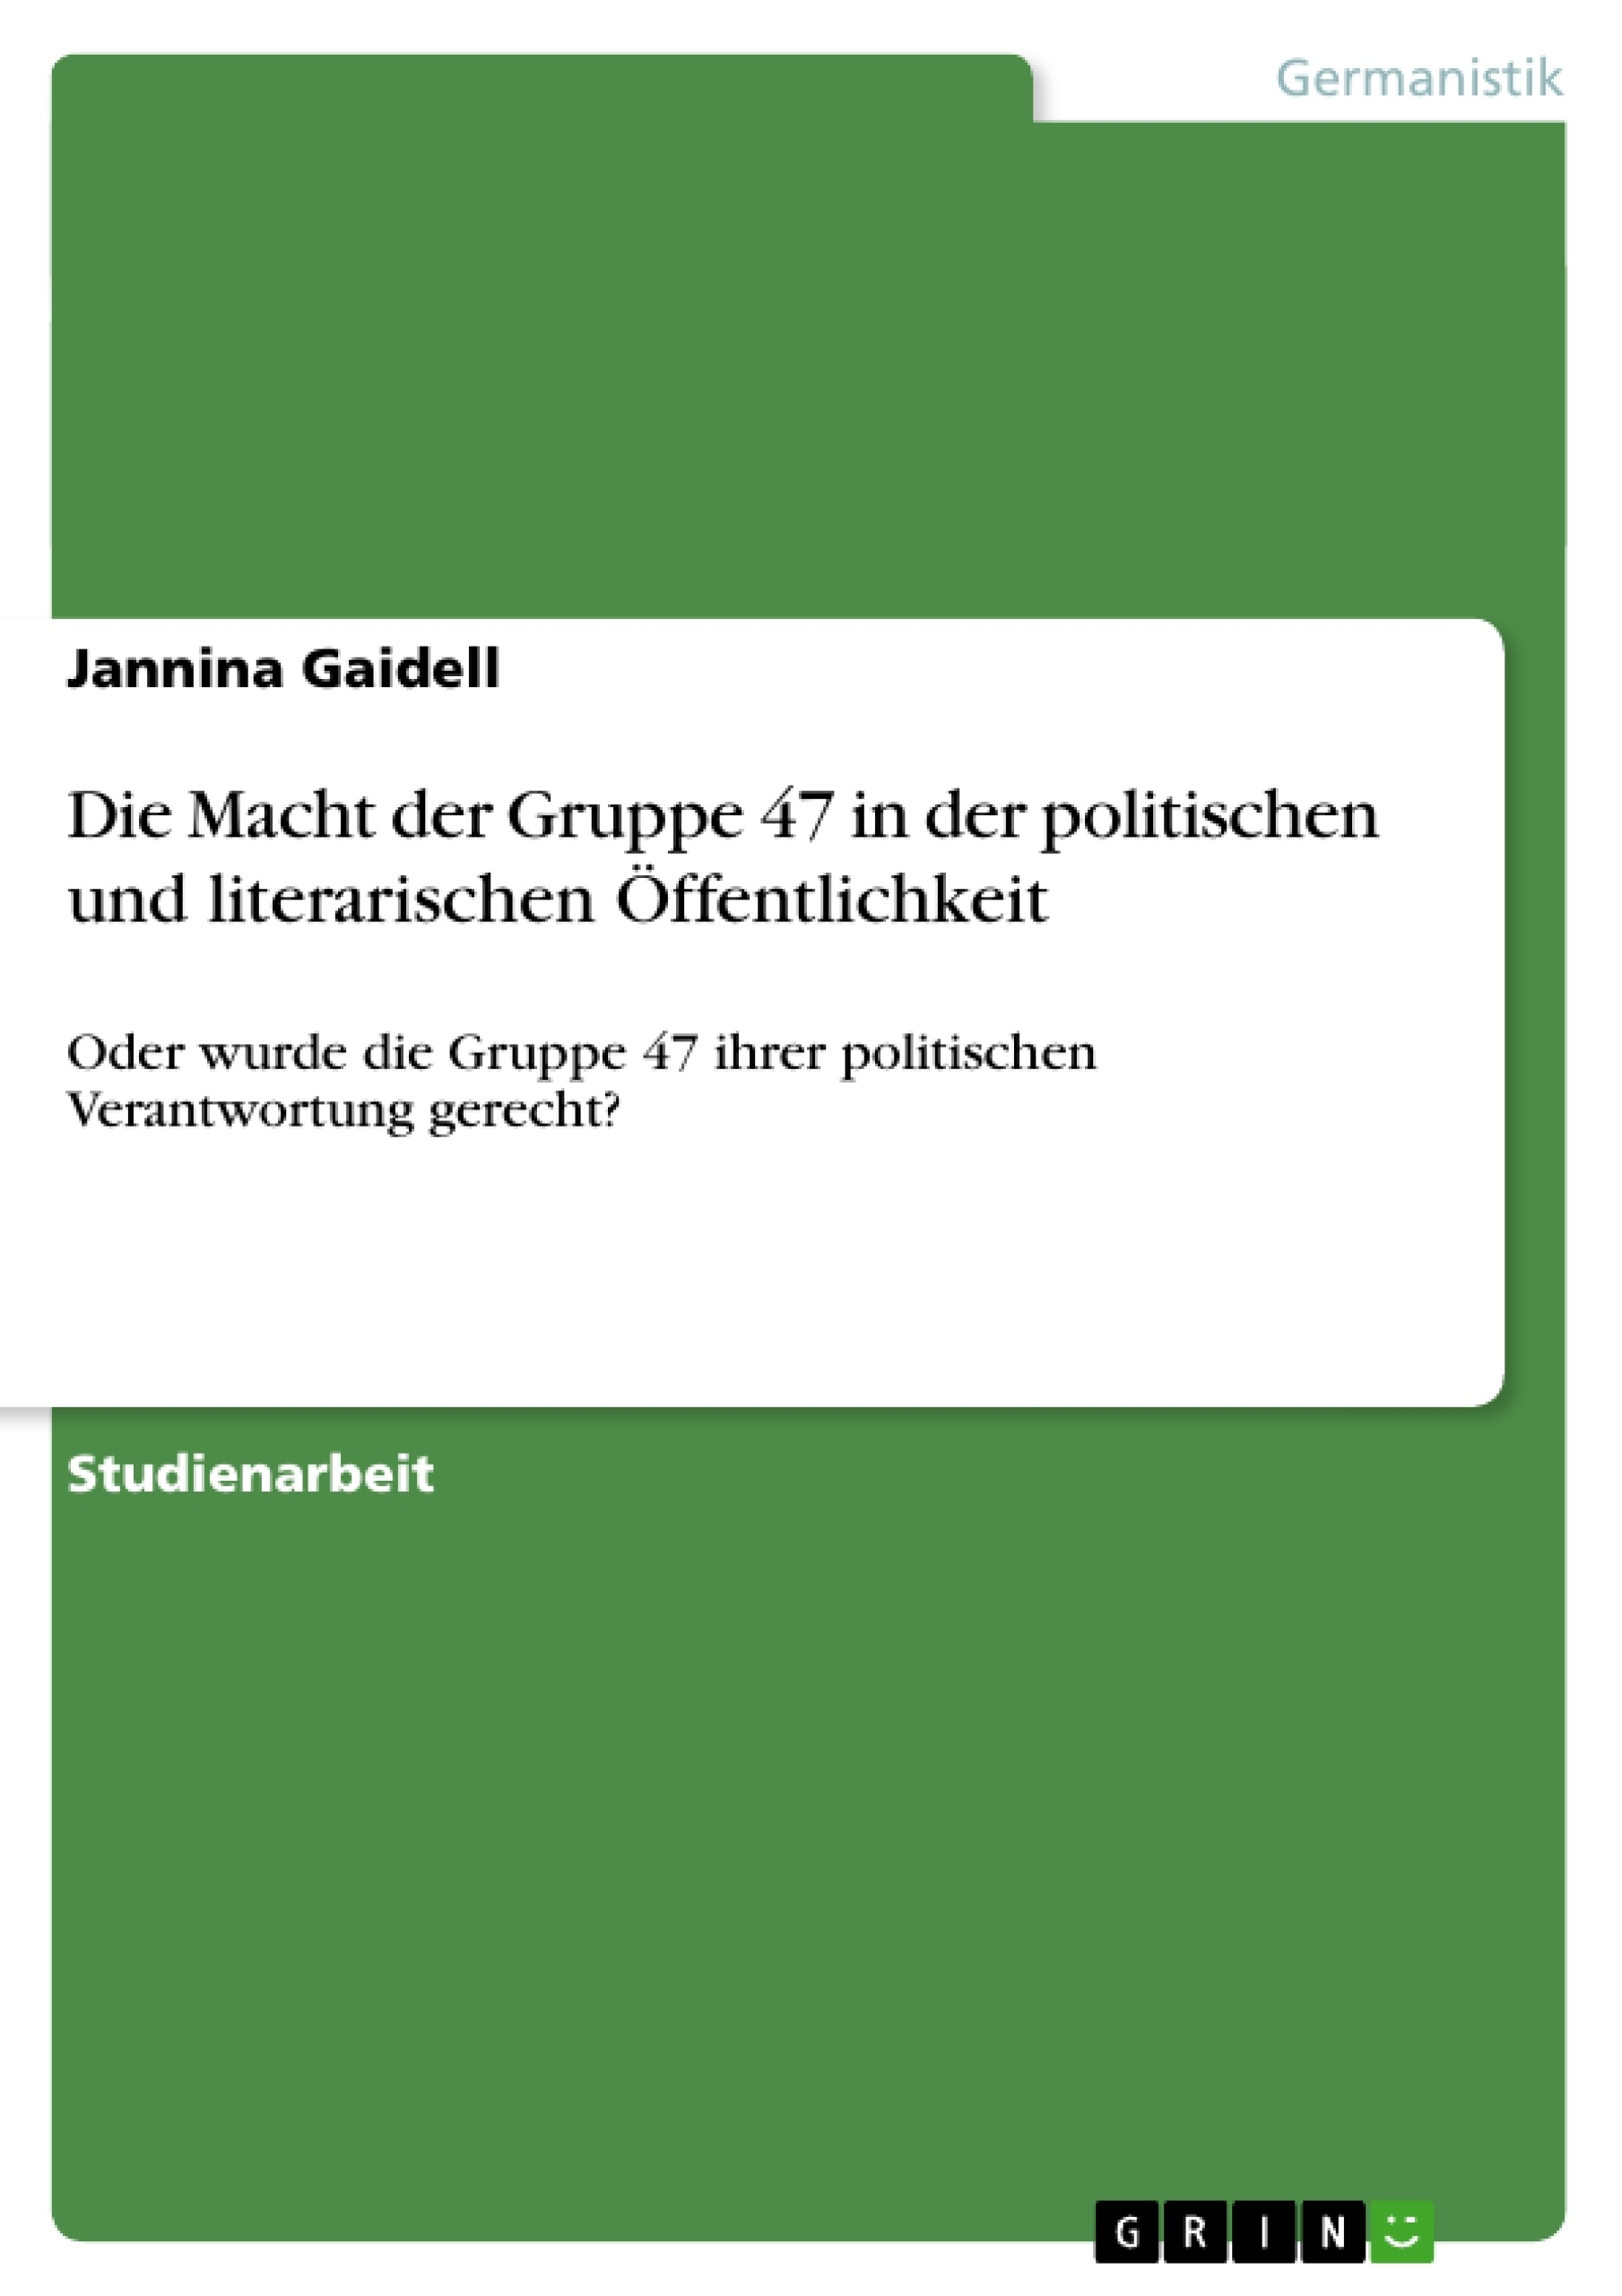 Titel: Die Macht der Gruppe 47 in der politischen und literarischen Öffentlichkeit